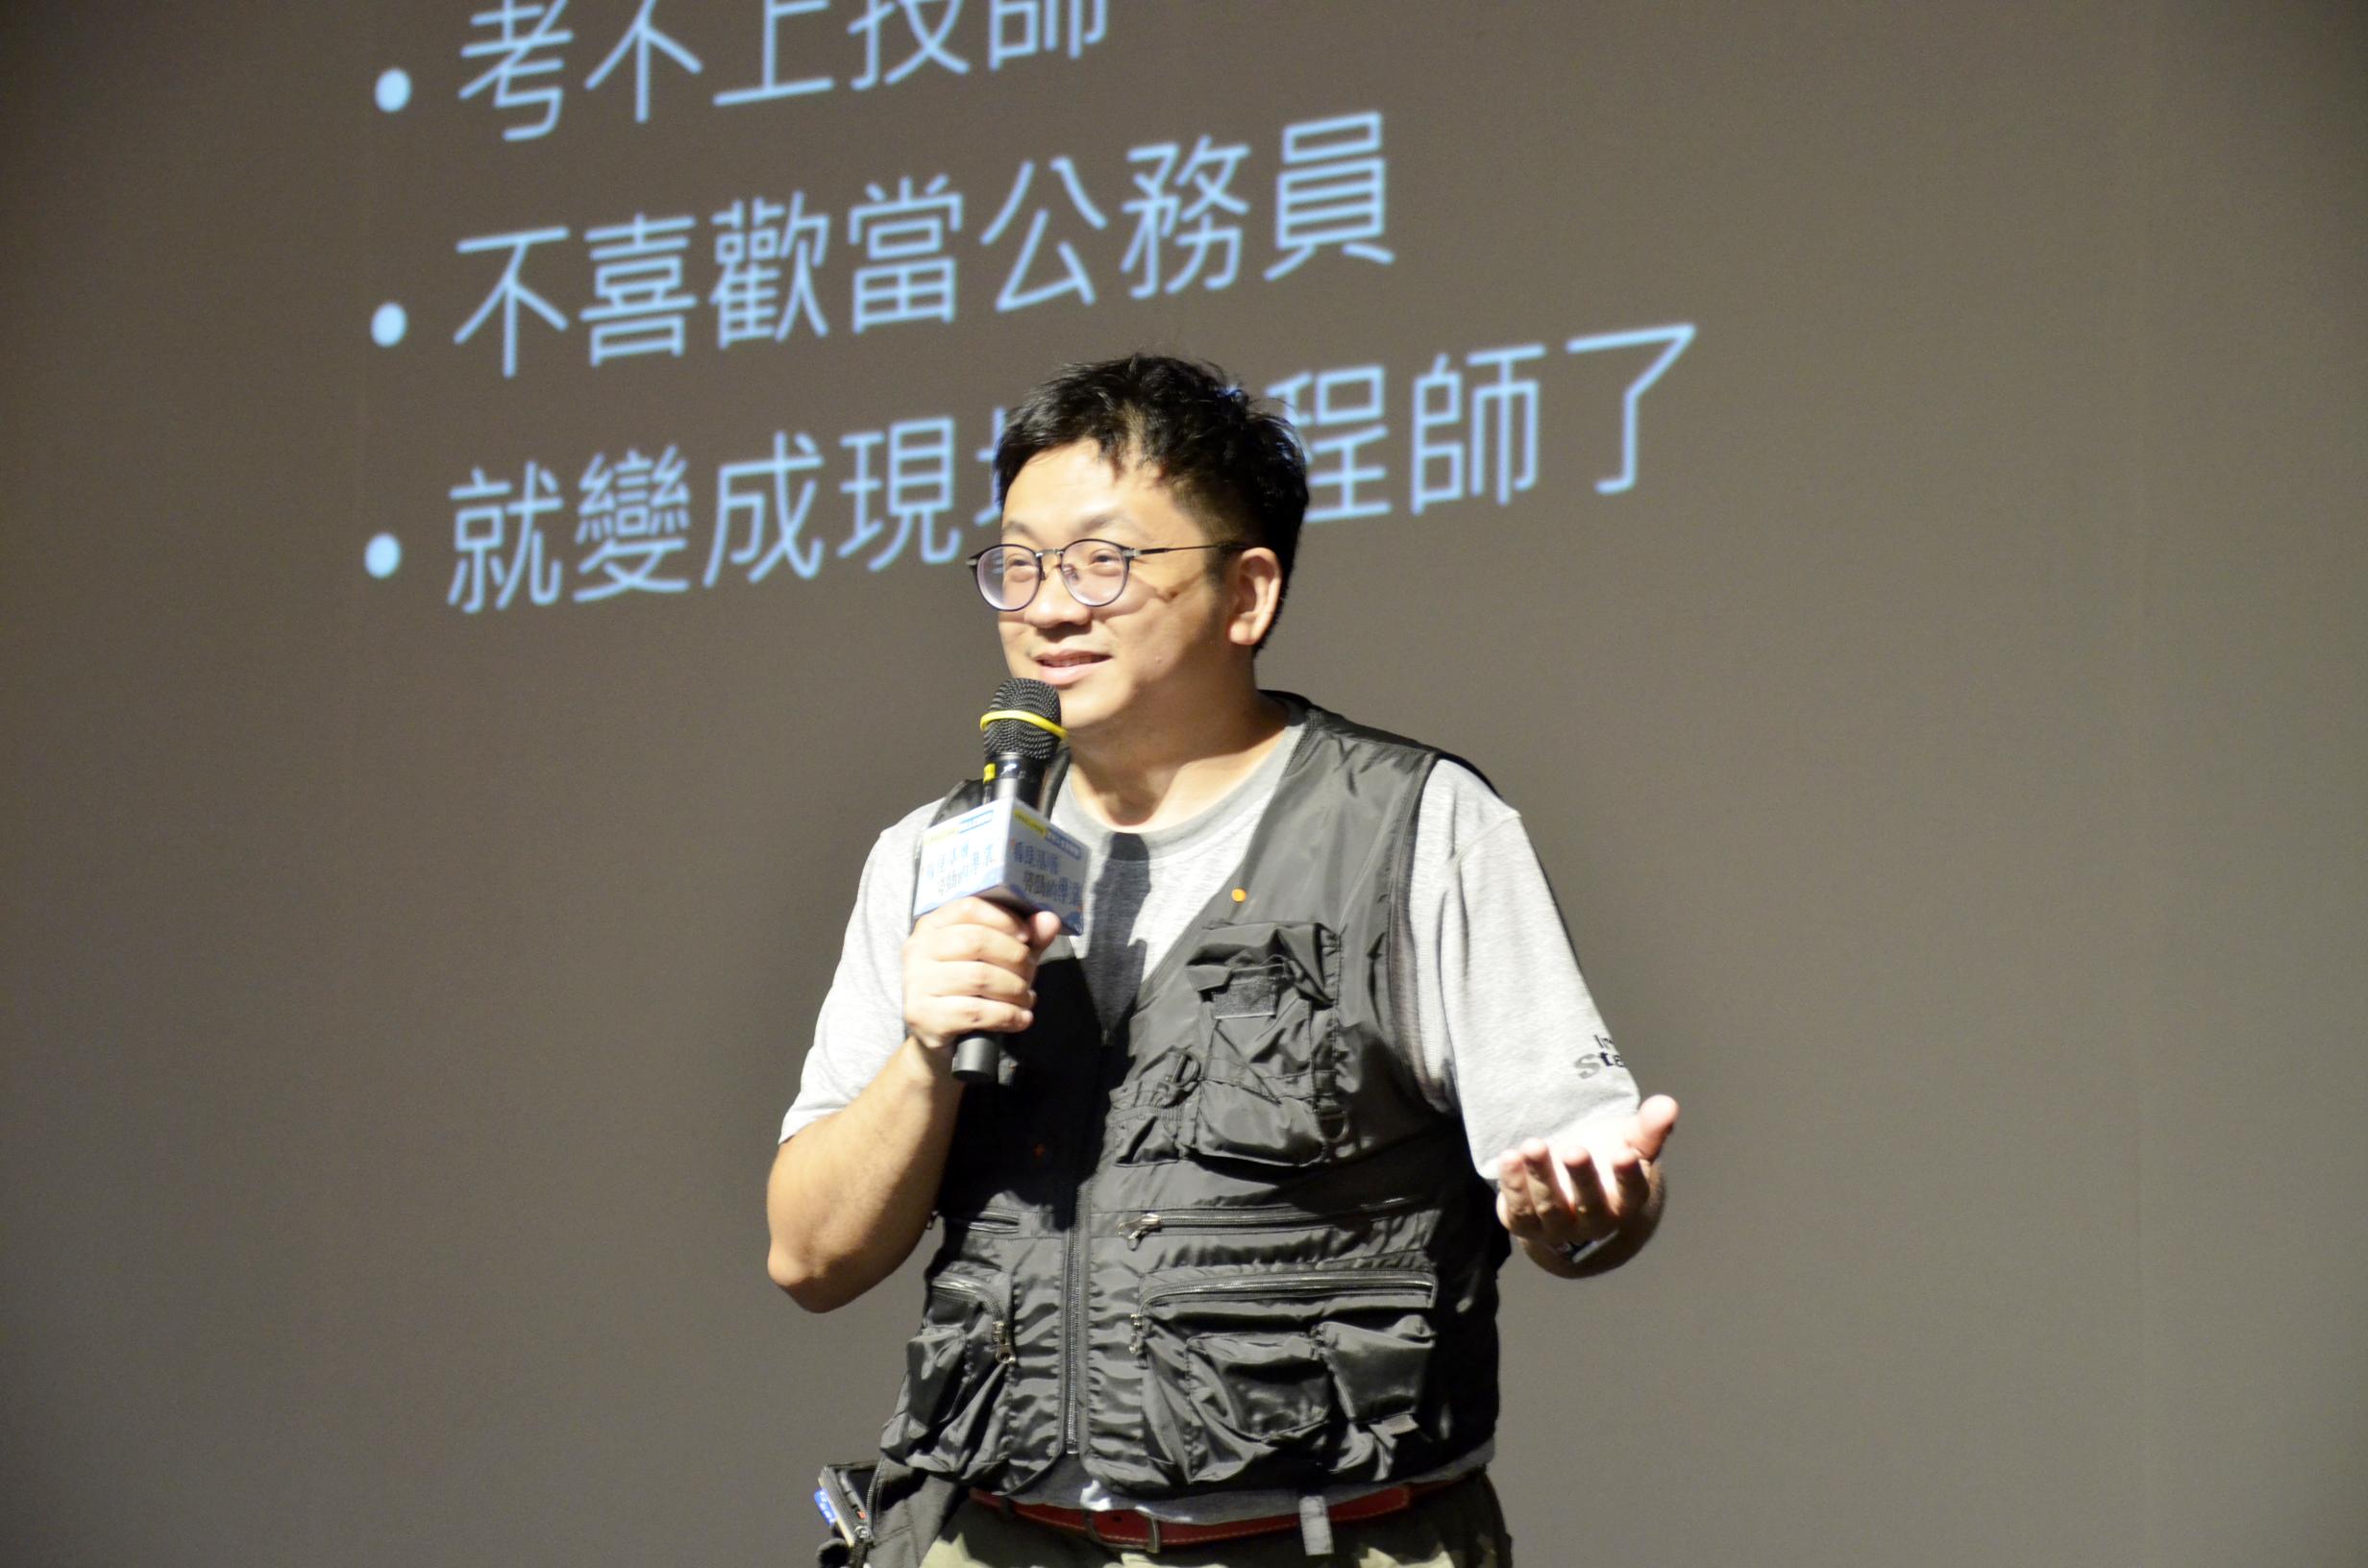 ▲《做工的人》作者林立青台南演講 鼓勵民眾培養難以取代的專業